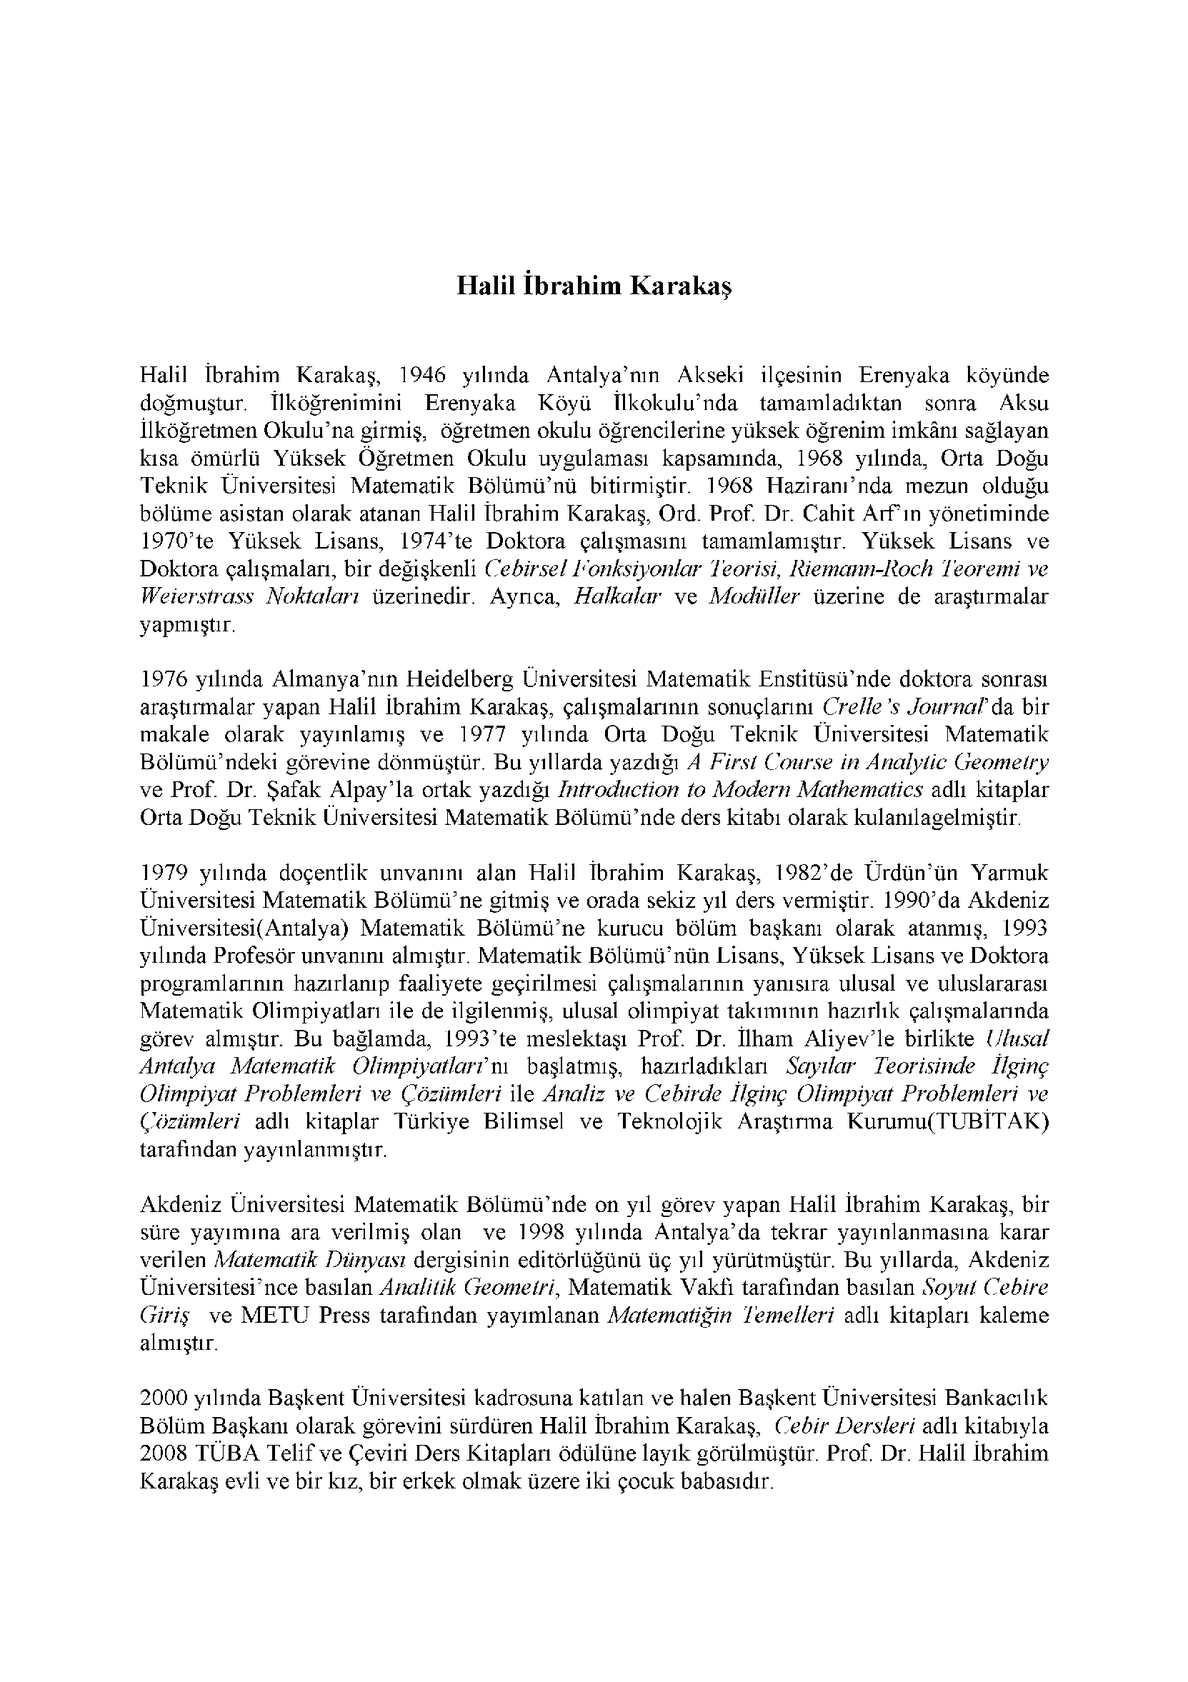 Soyut Cebir'e Giriş - Prof. Dr. Halil İbrahim Karakaş